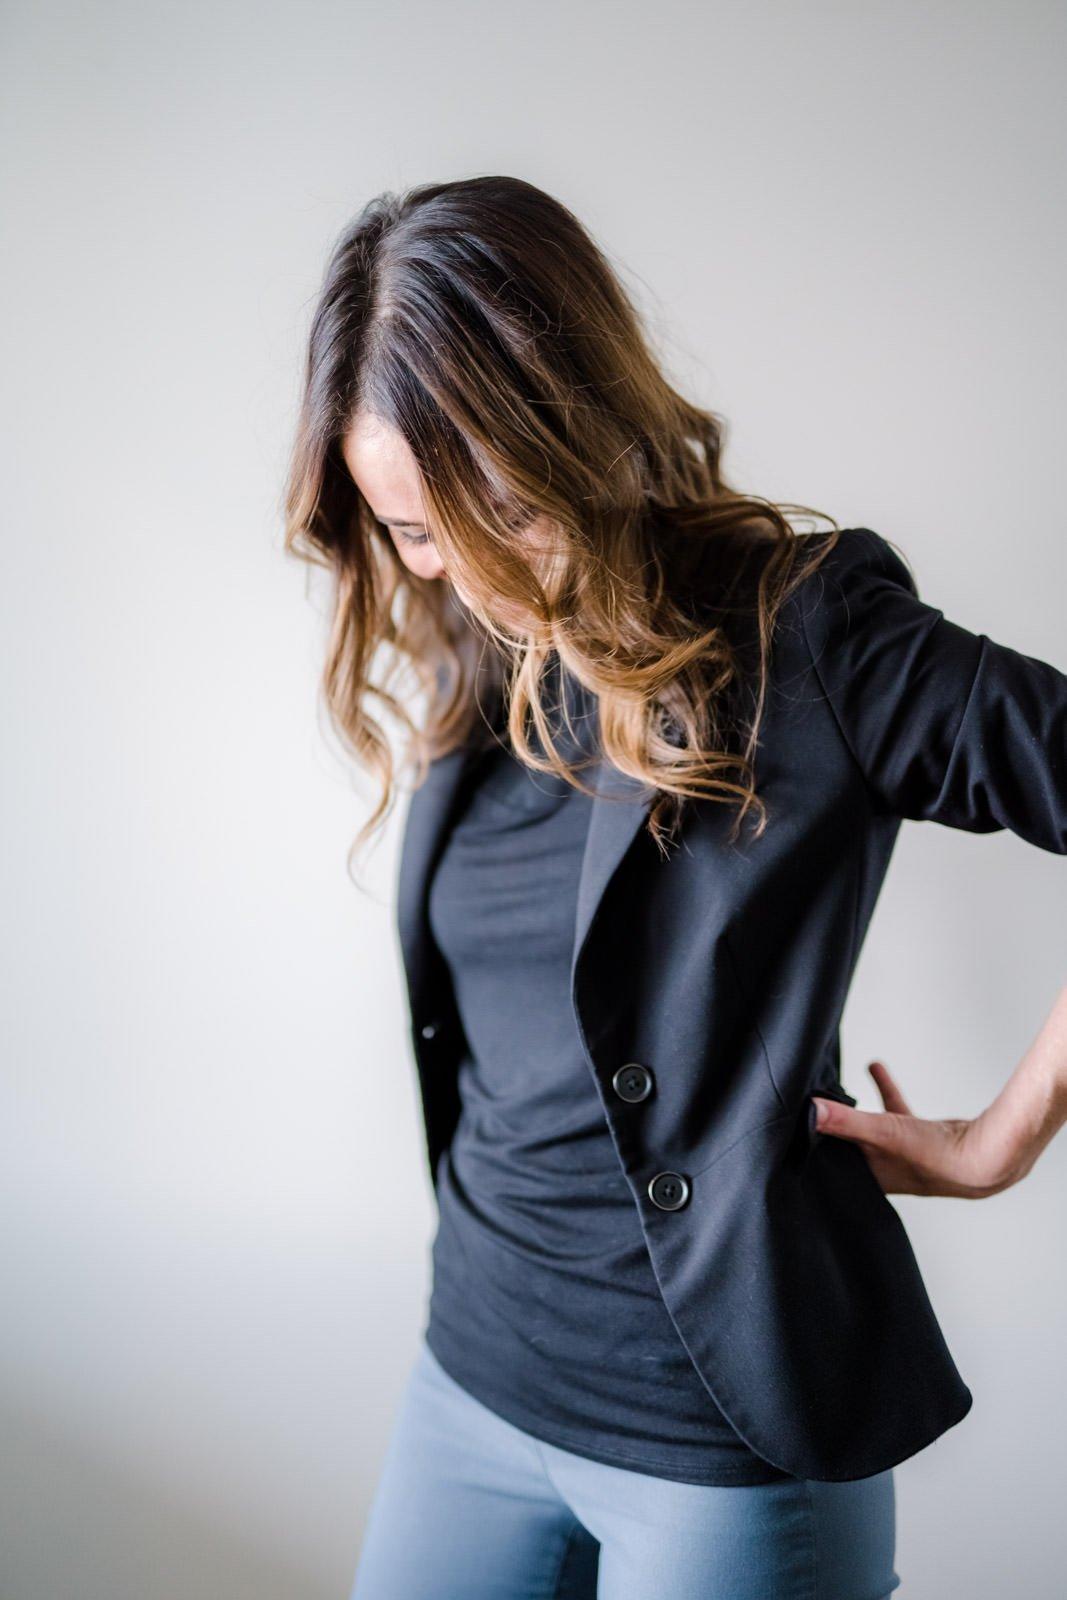 woman in black blazer looking down business portrait